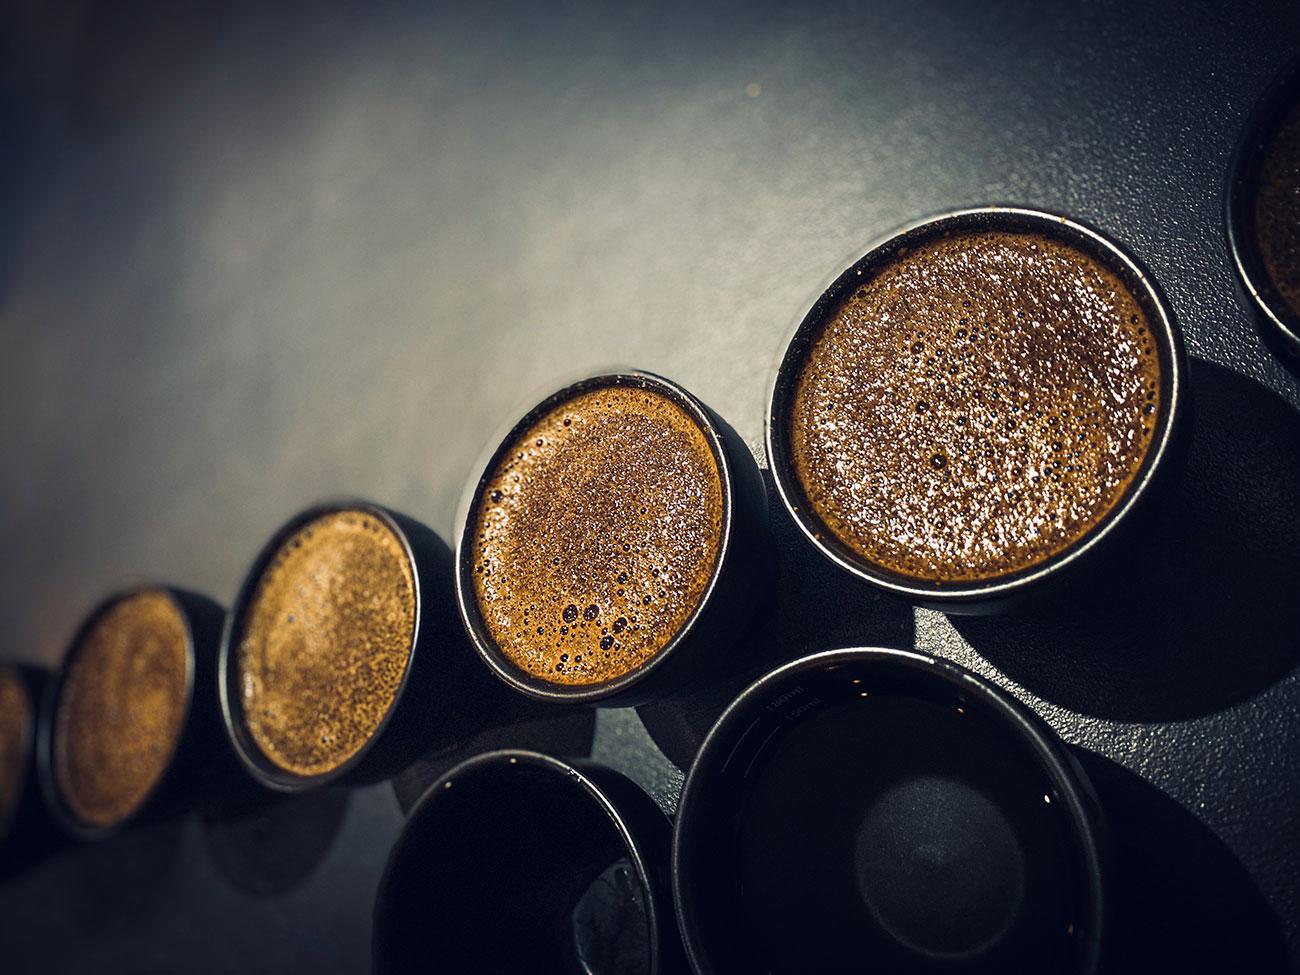 エチオピアのスペシャルティコーヒー 2020 ニュークロップのカッピング